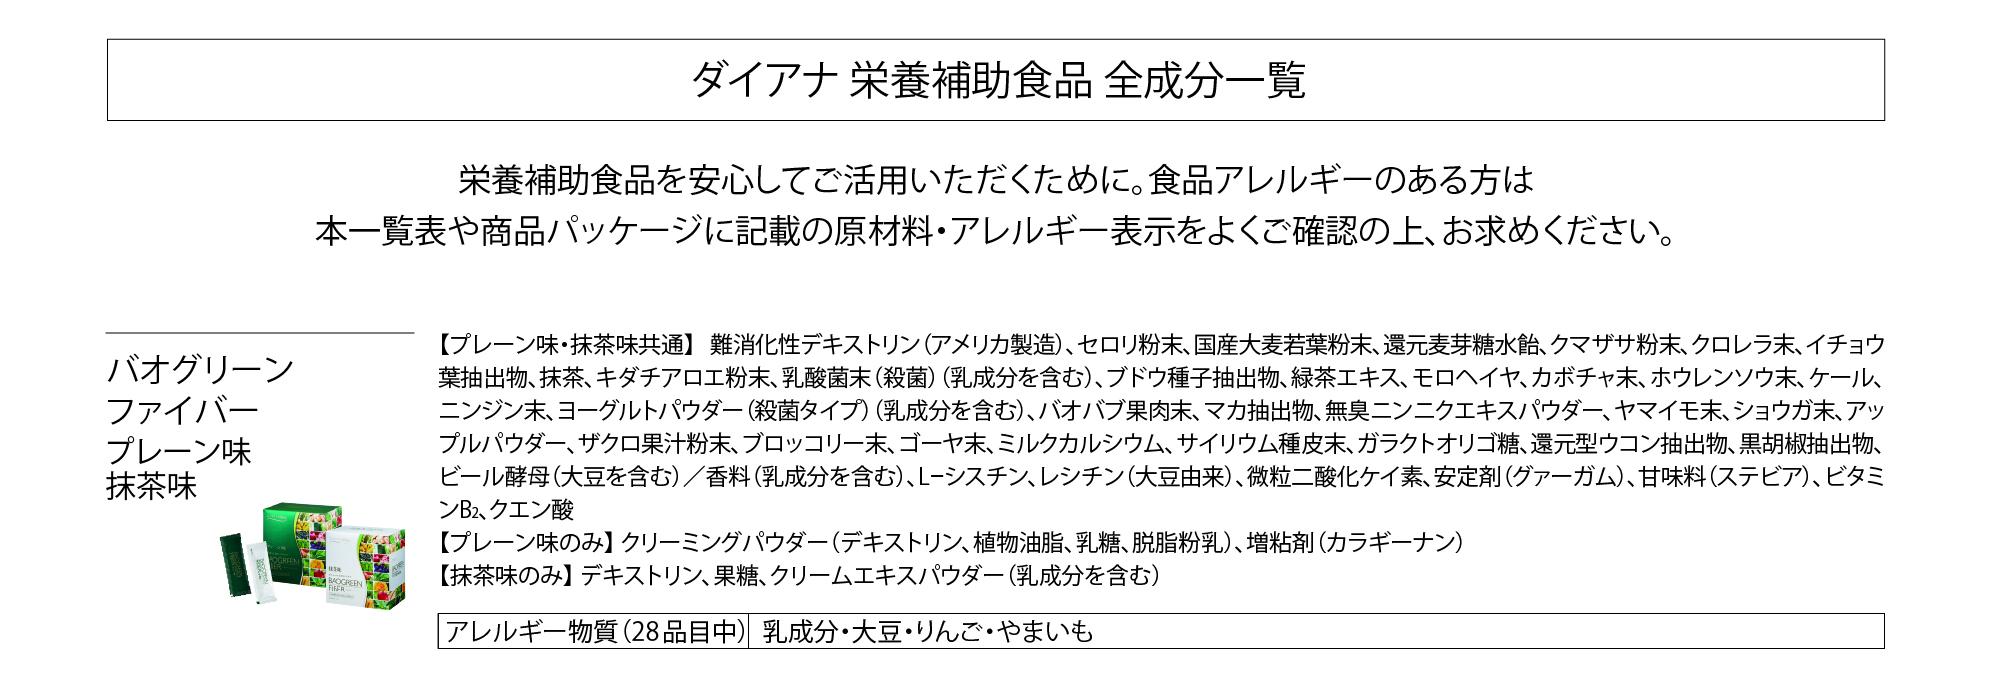 バオグリーンファイバー(成分)